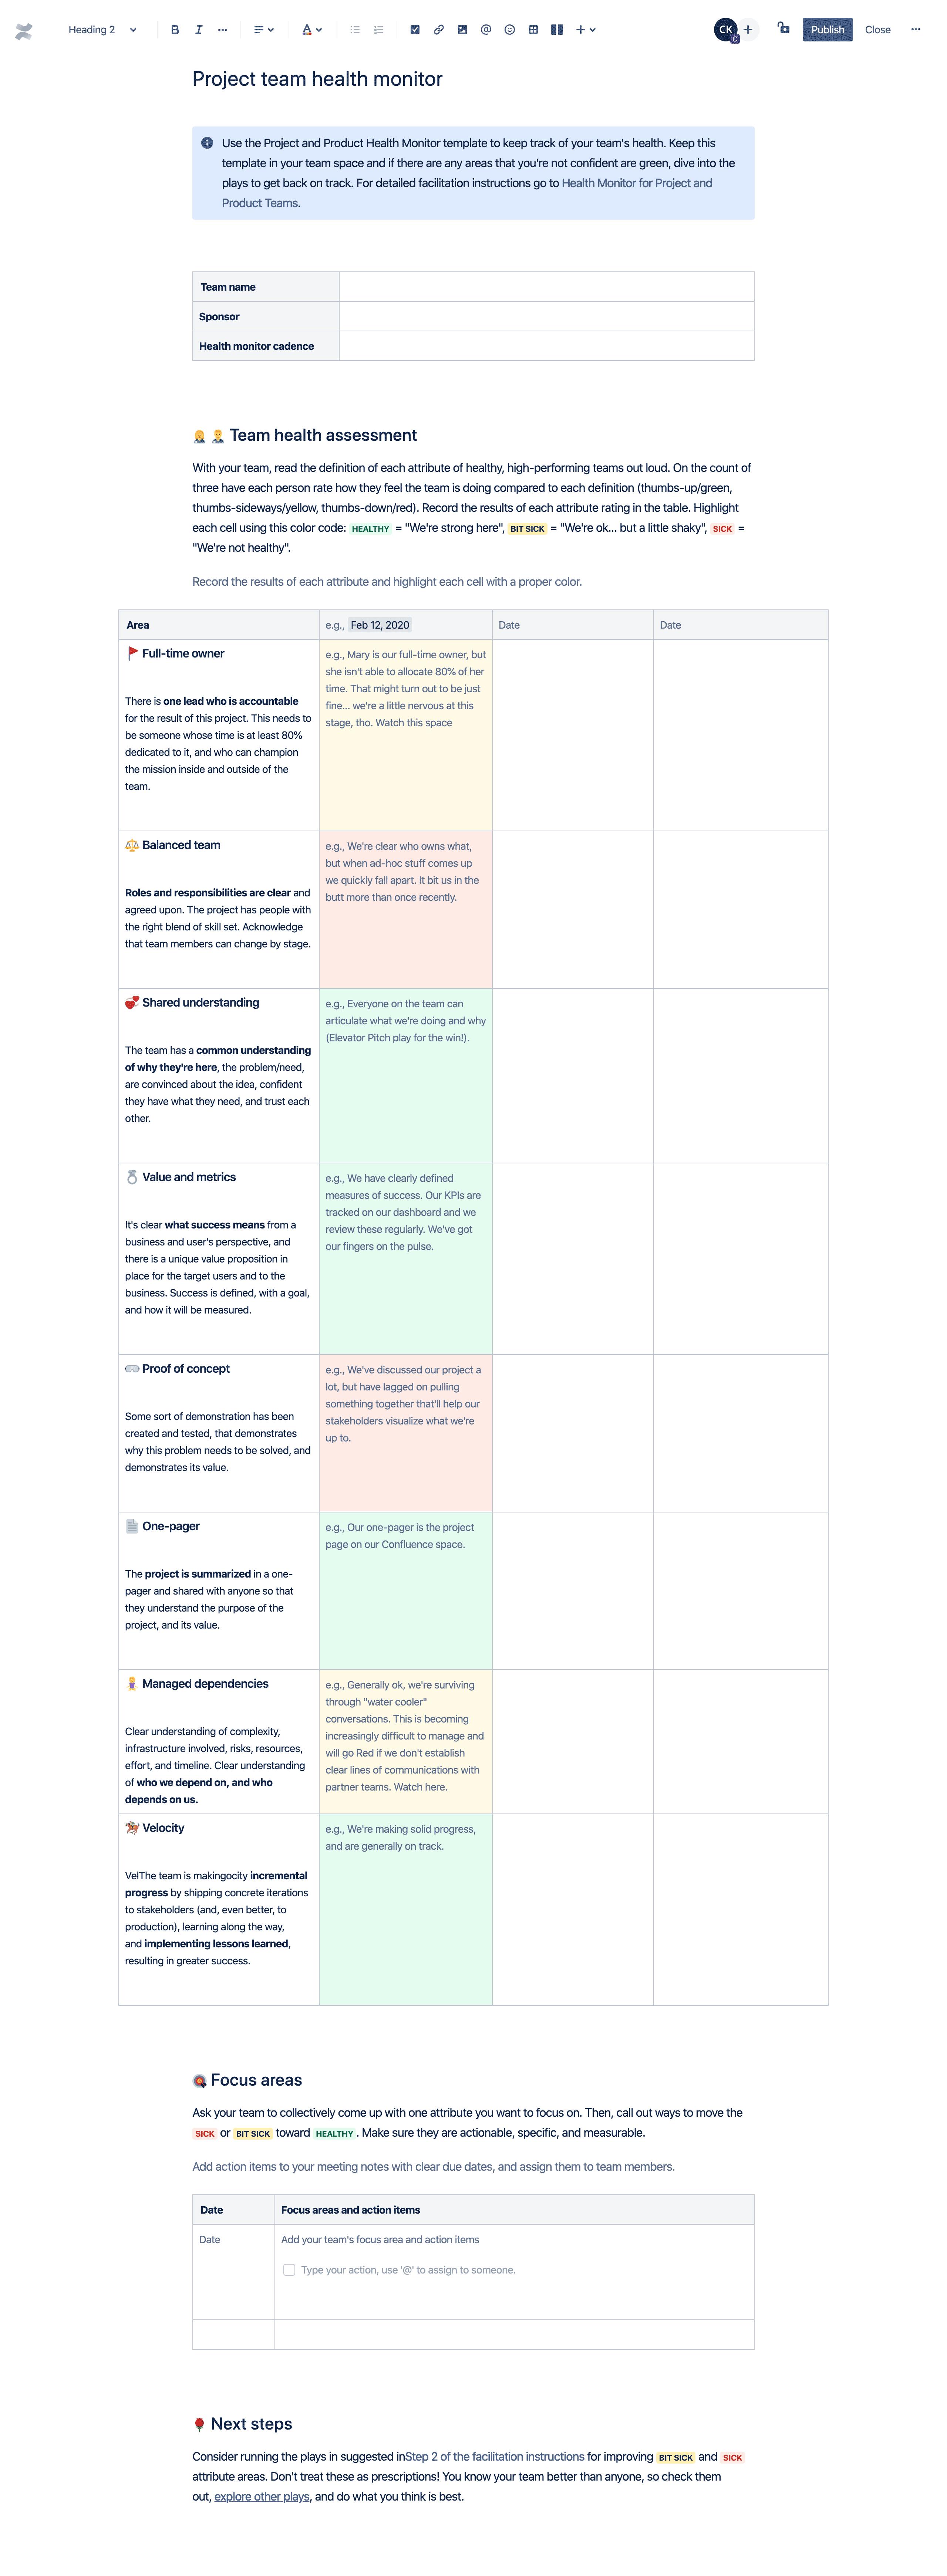 Modèle de contrôle de santé des équipes de projet